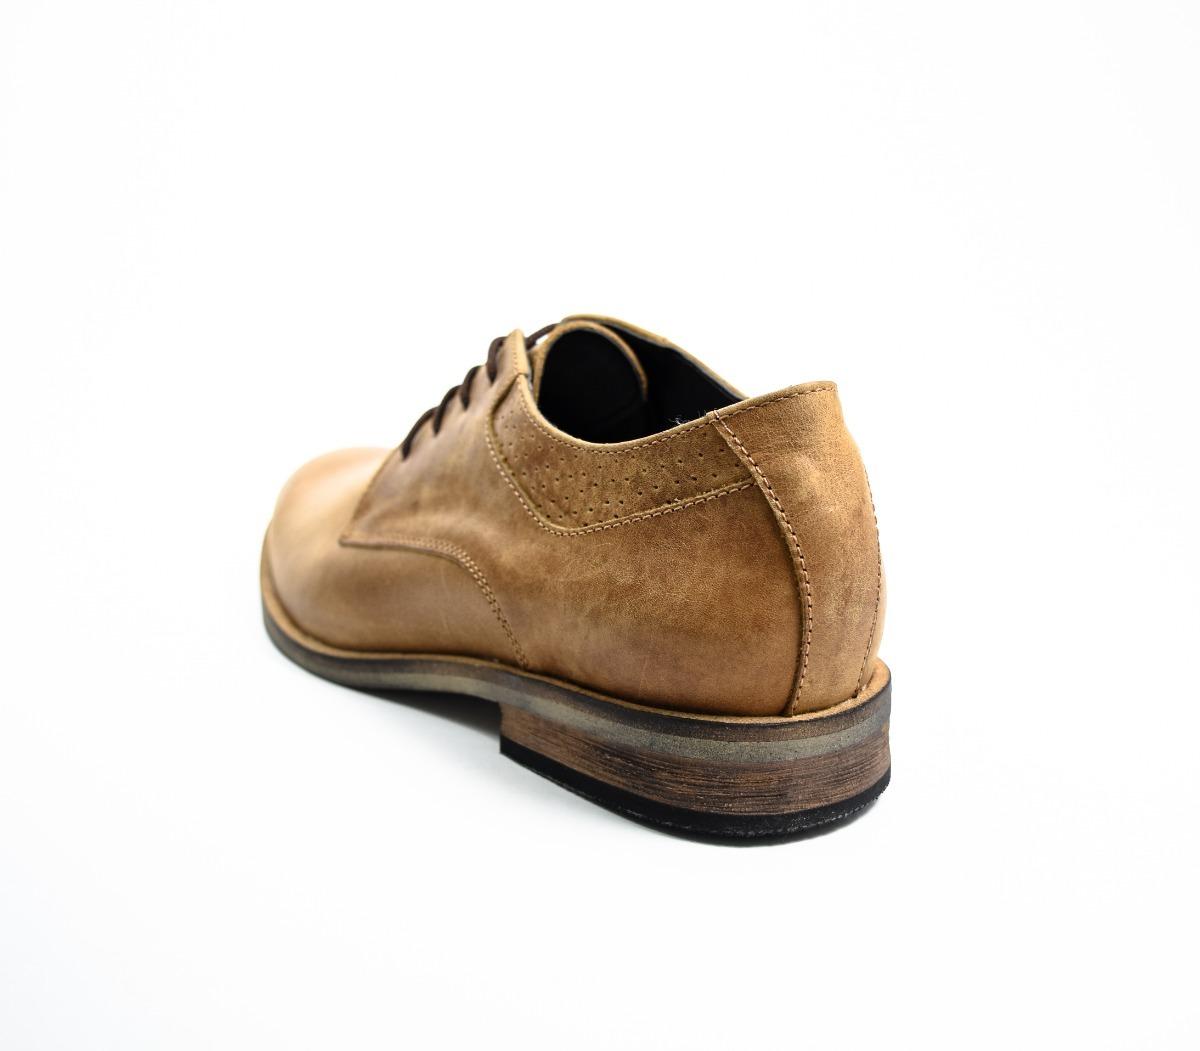 4629a21b9a3 zapato vestir panther calzado urbano hombre cuero suela 1823. Cargando zoom.